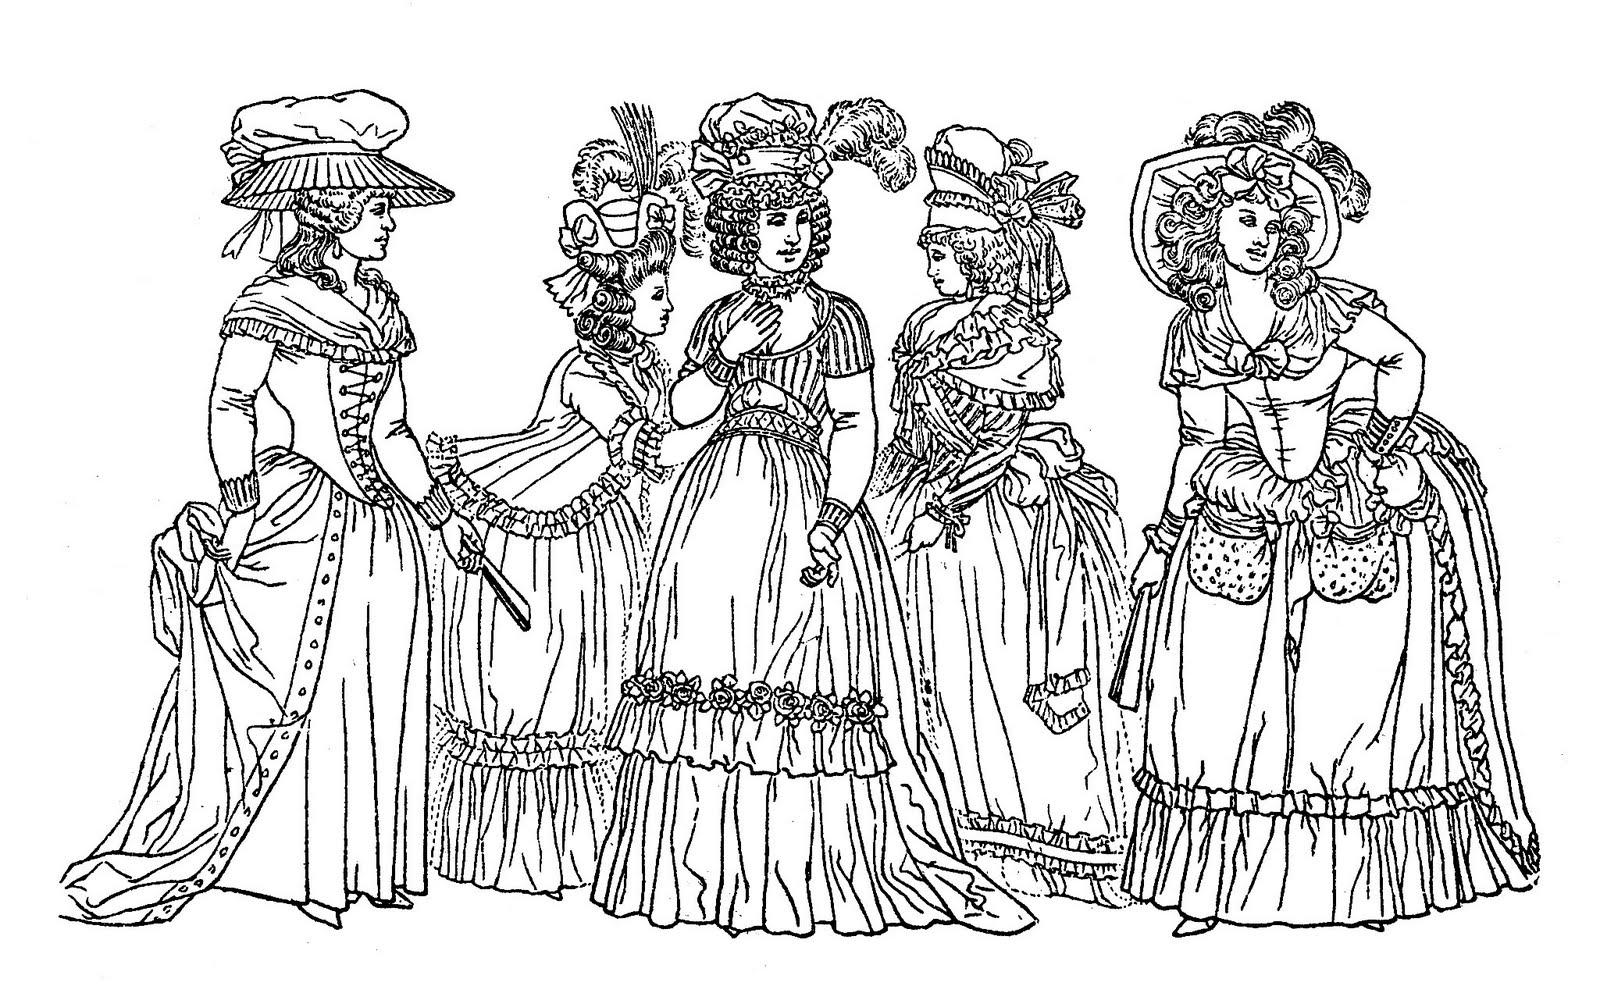 Dessin représentant des femmes du 18e siècle : une bonne représentation du style vestimentaire de l'époque